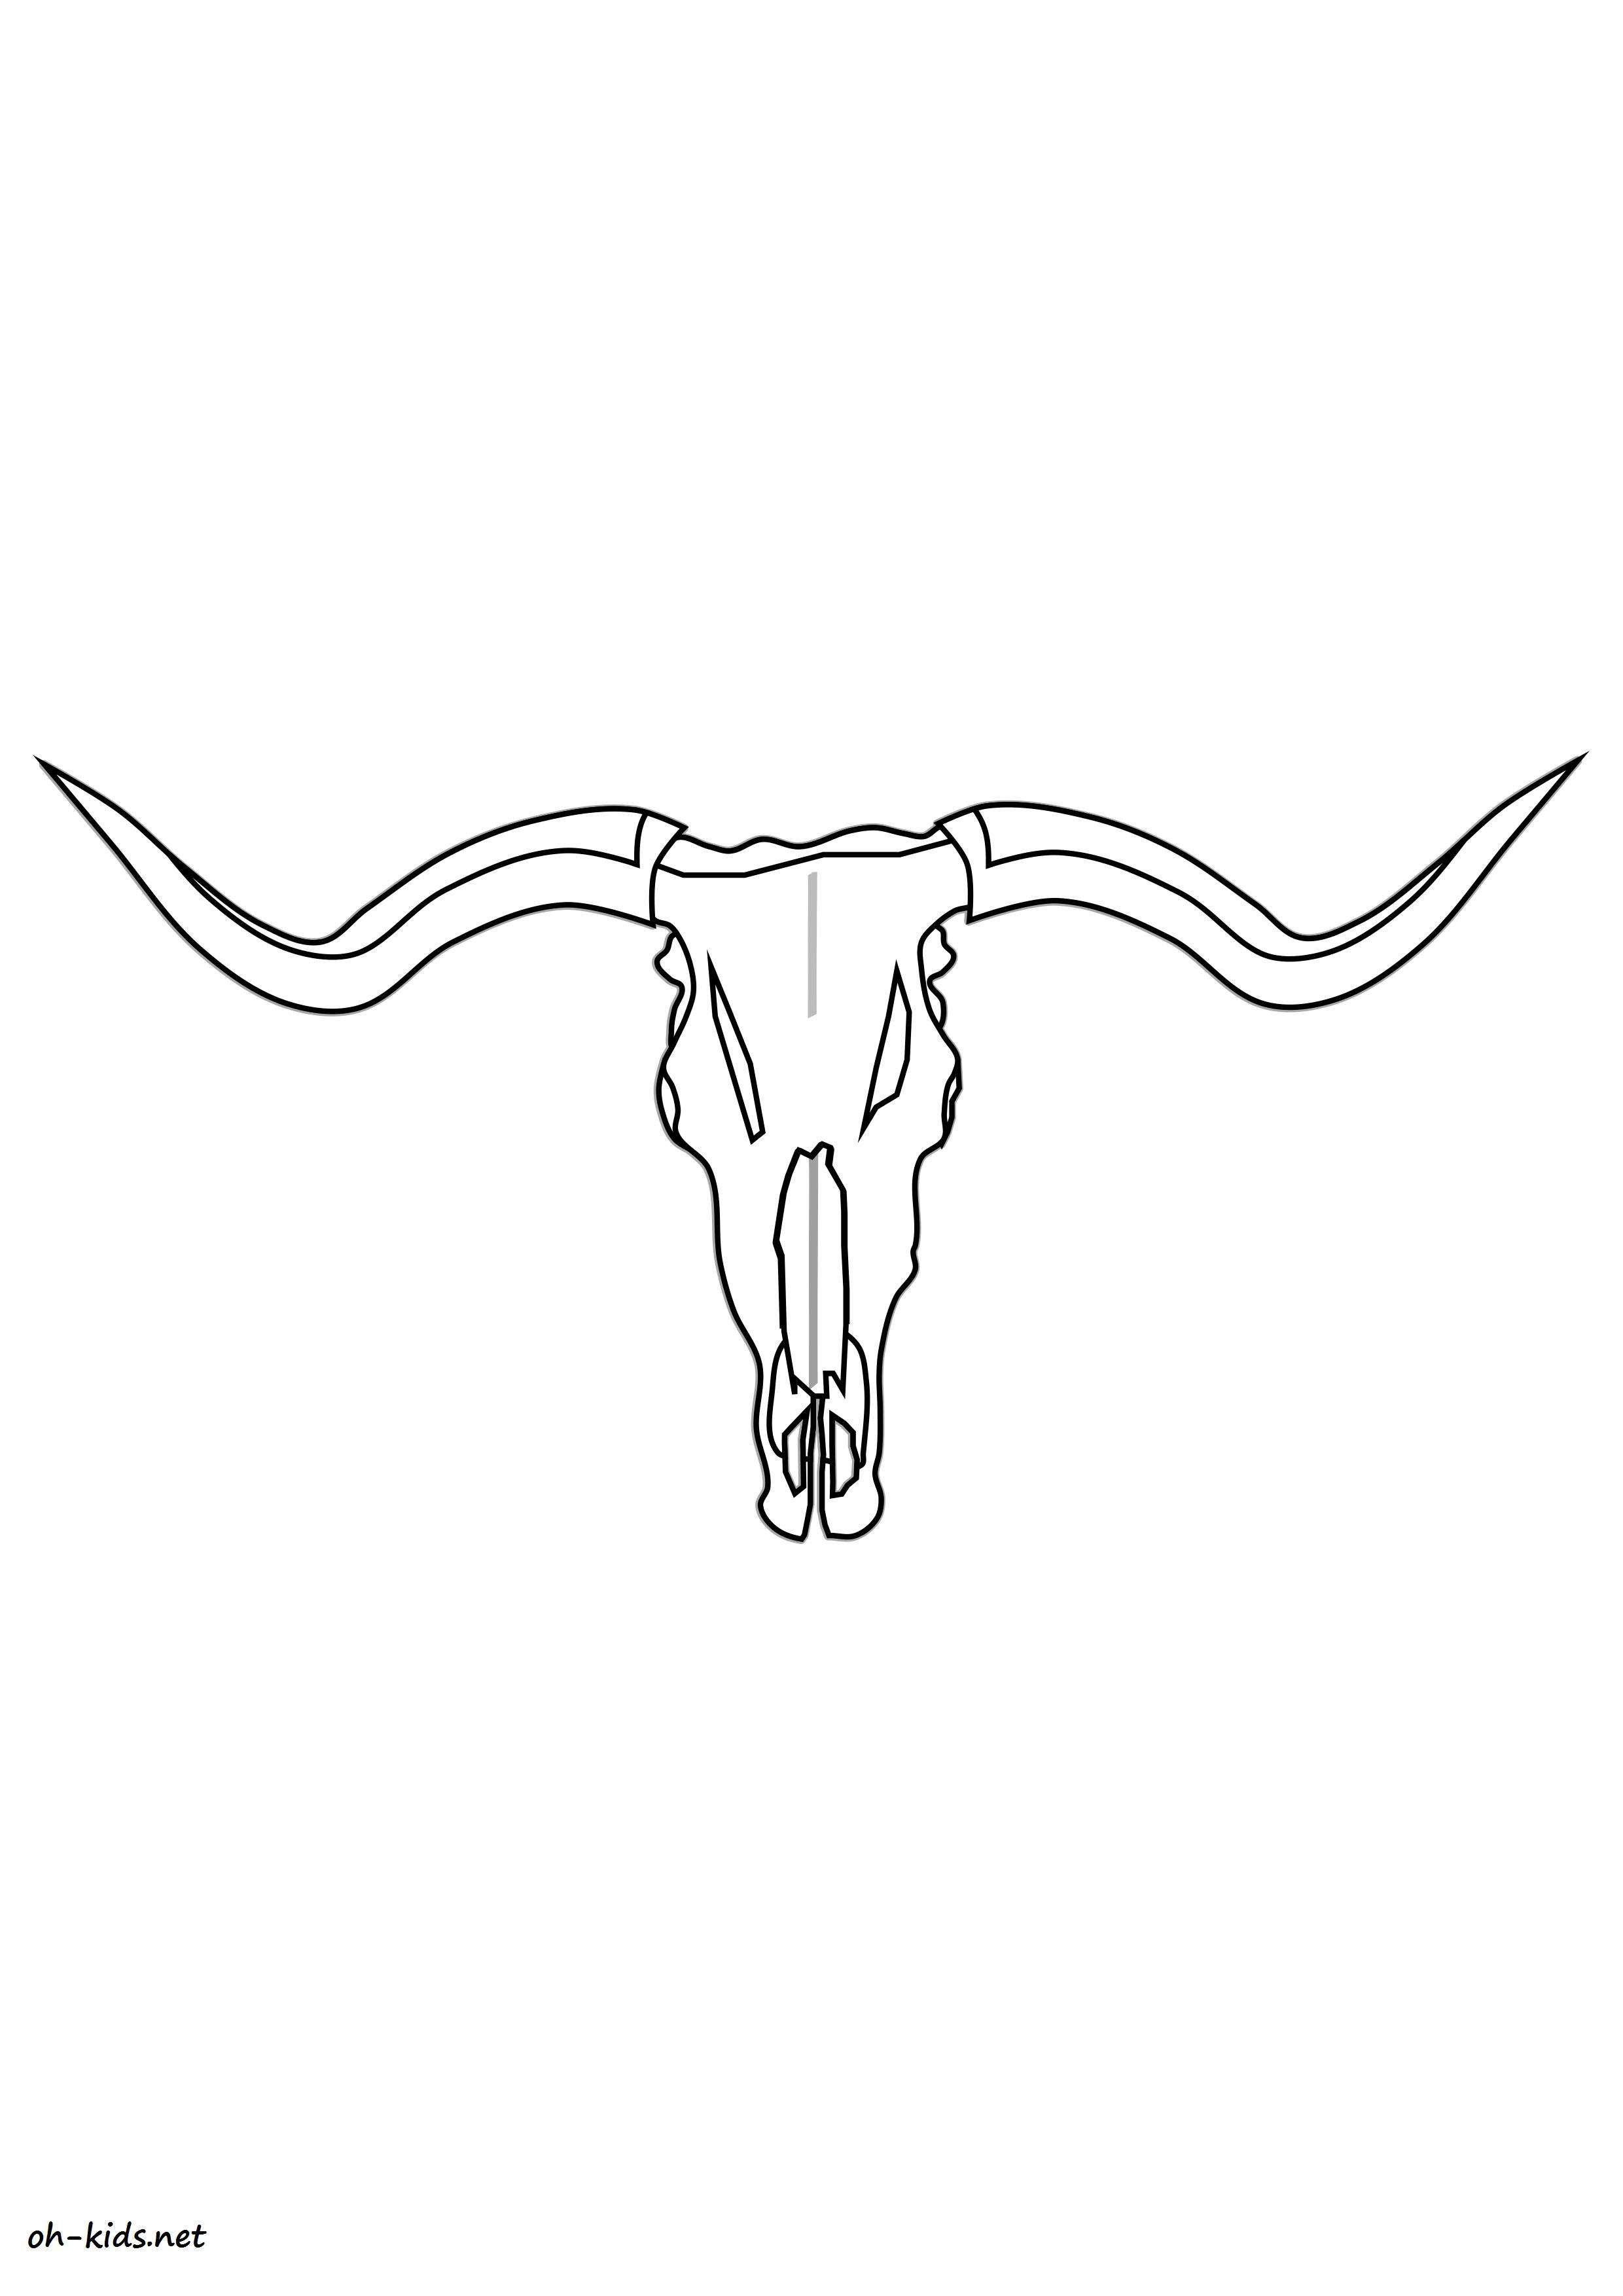 coloriage de cowboy imprimer et colorier - Dessin #1521